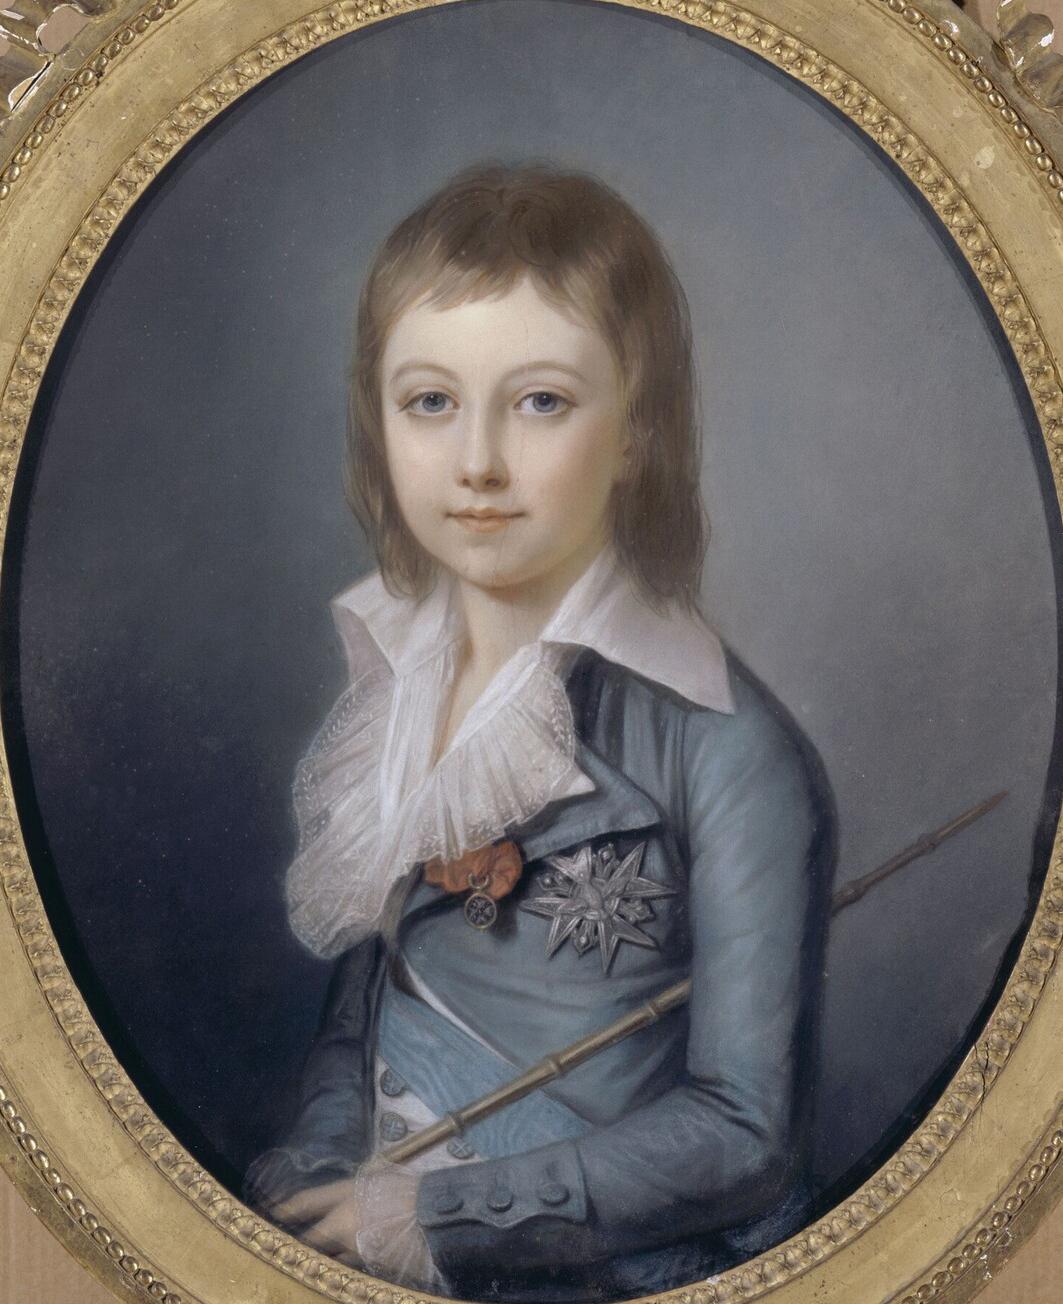 Depiction of Luis XVII de Francia